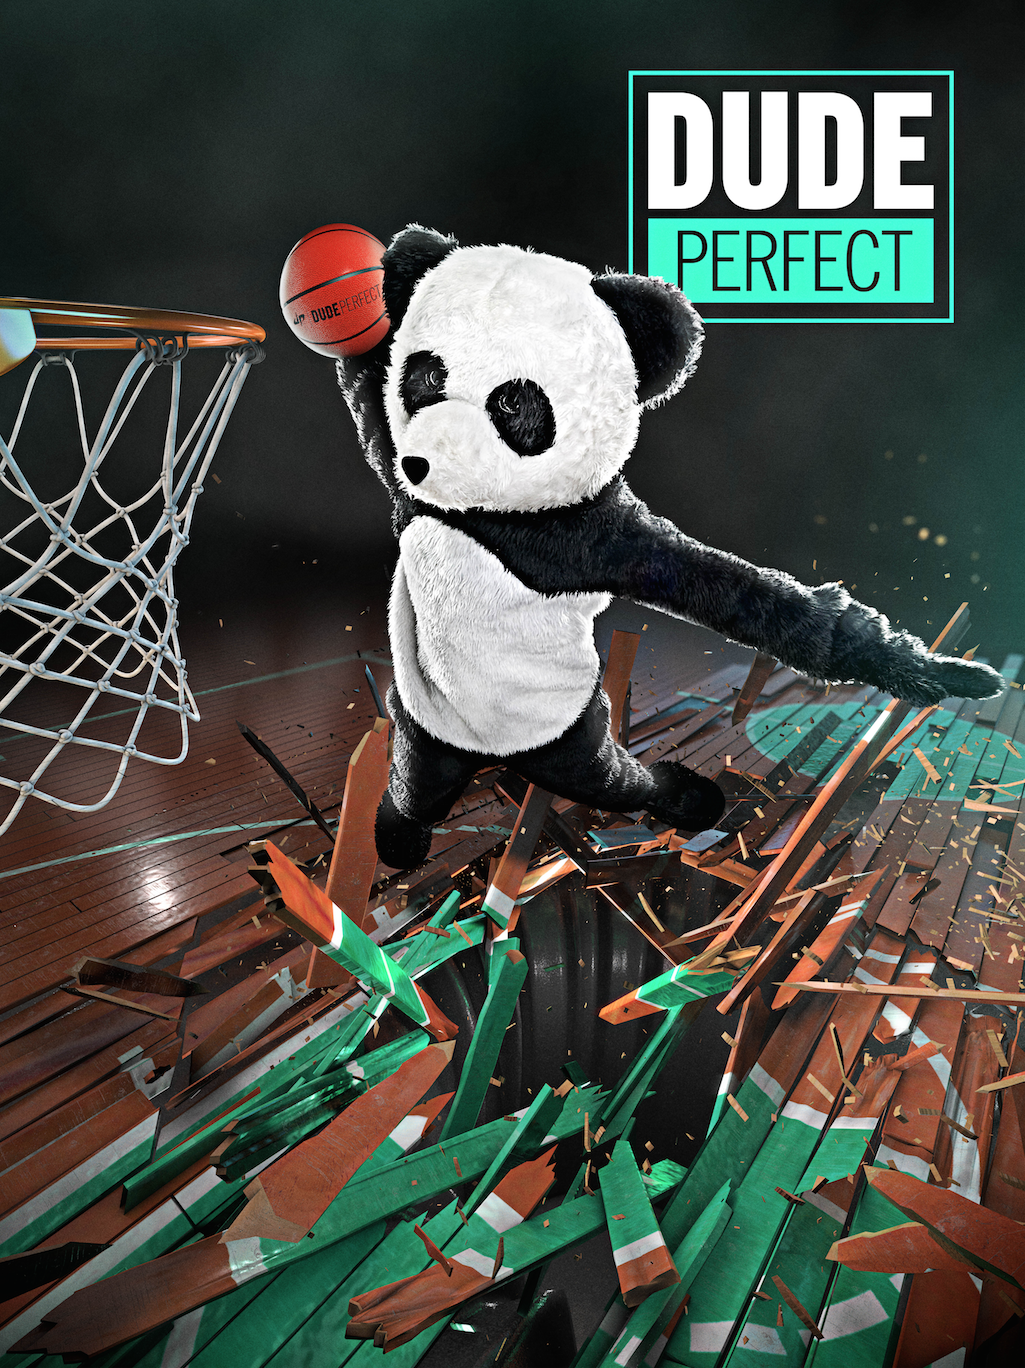 DUDE PERFECT PANDA